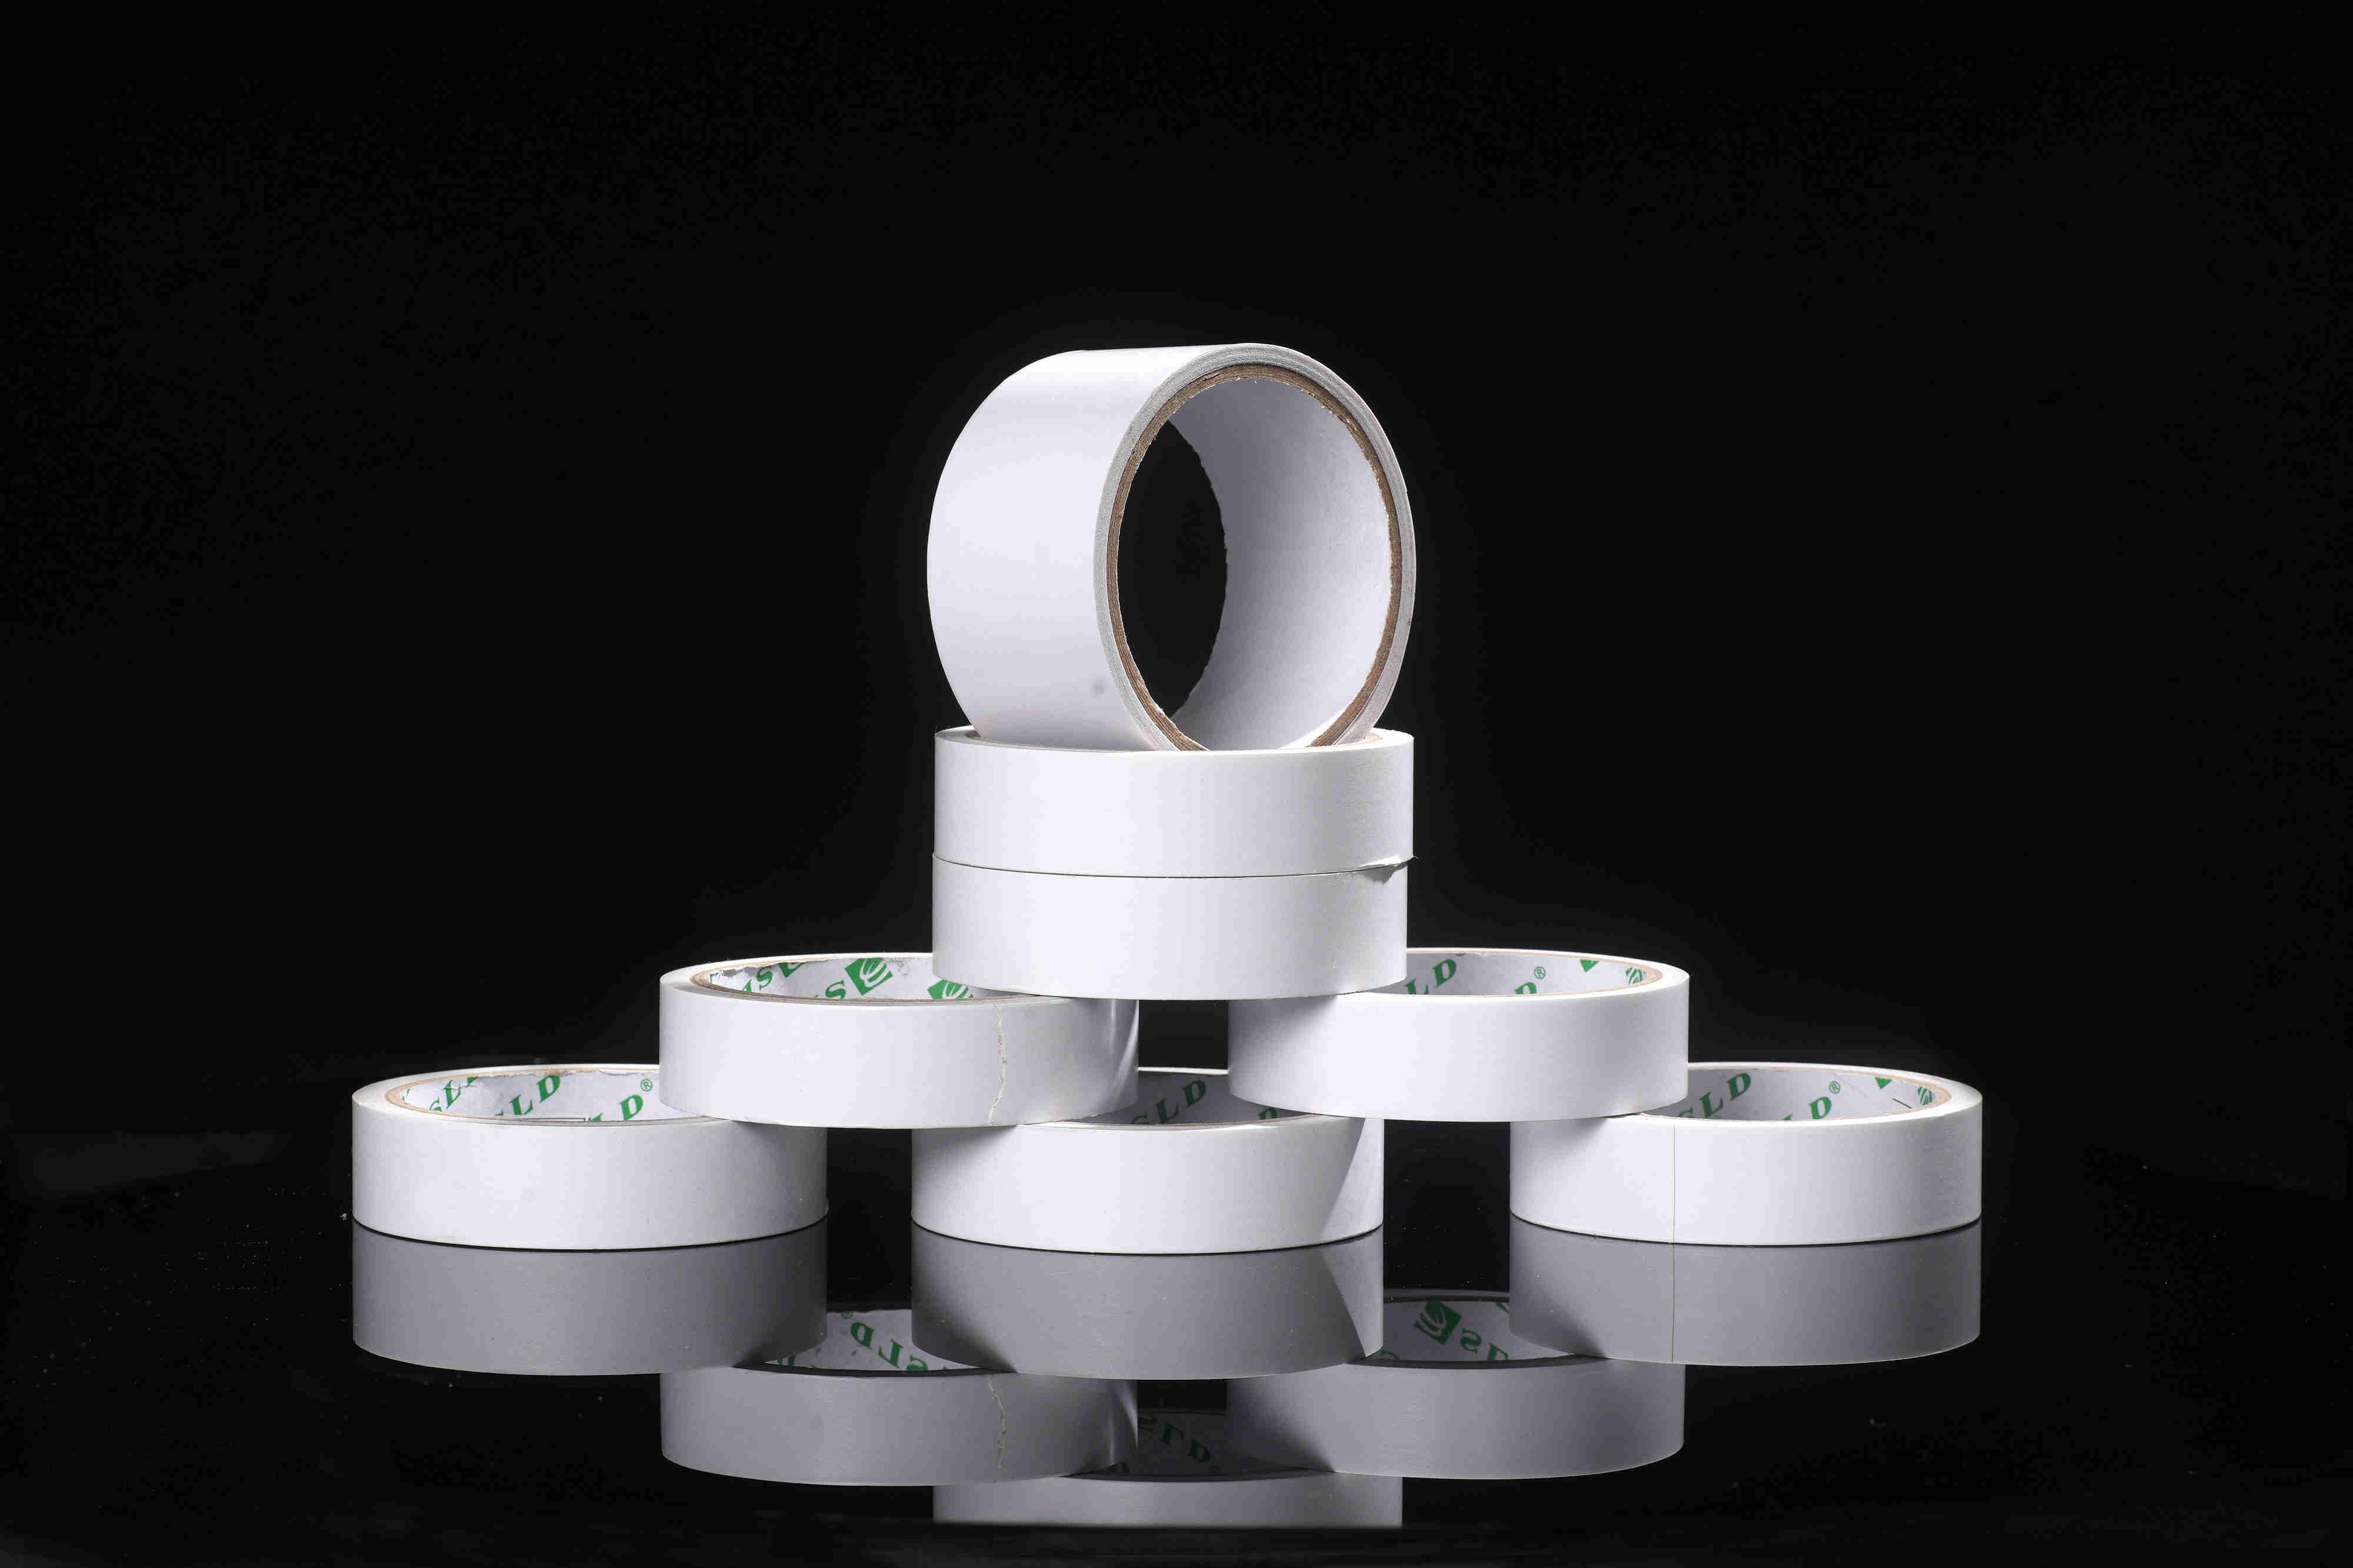 Double side BOPP tape